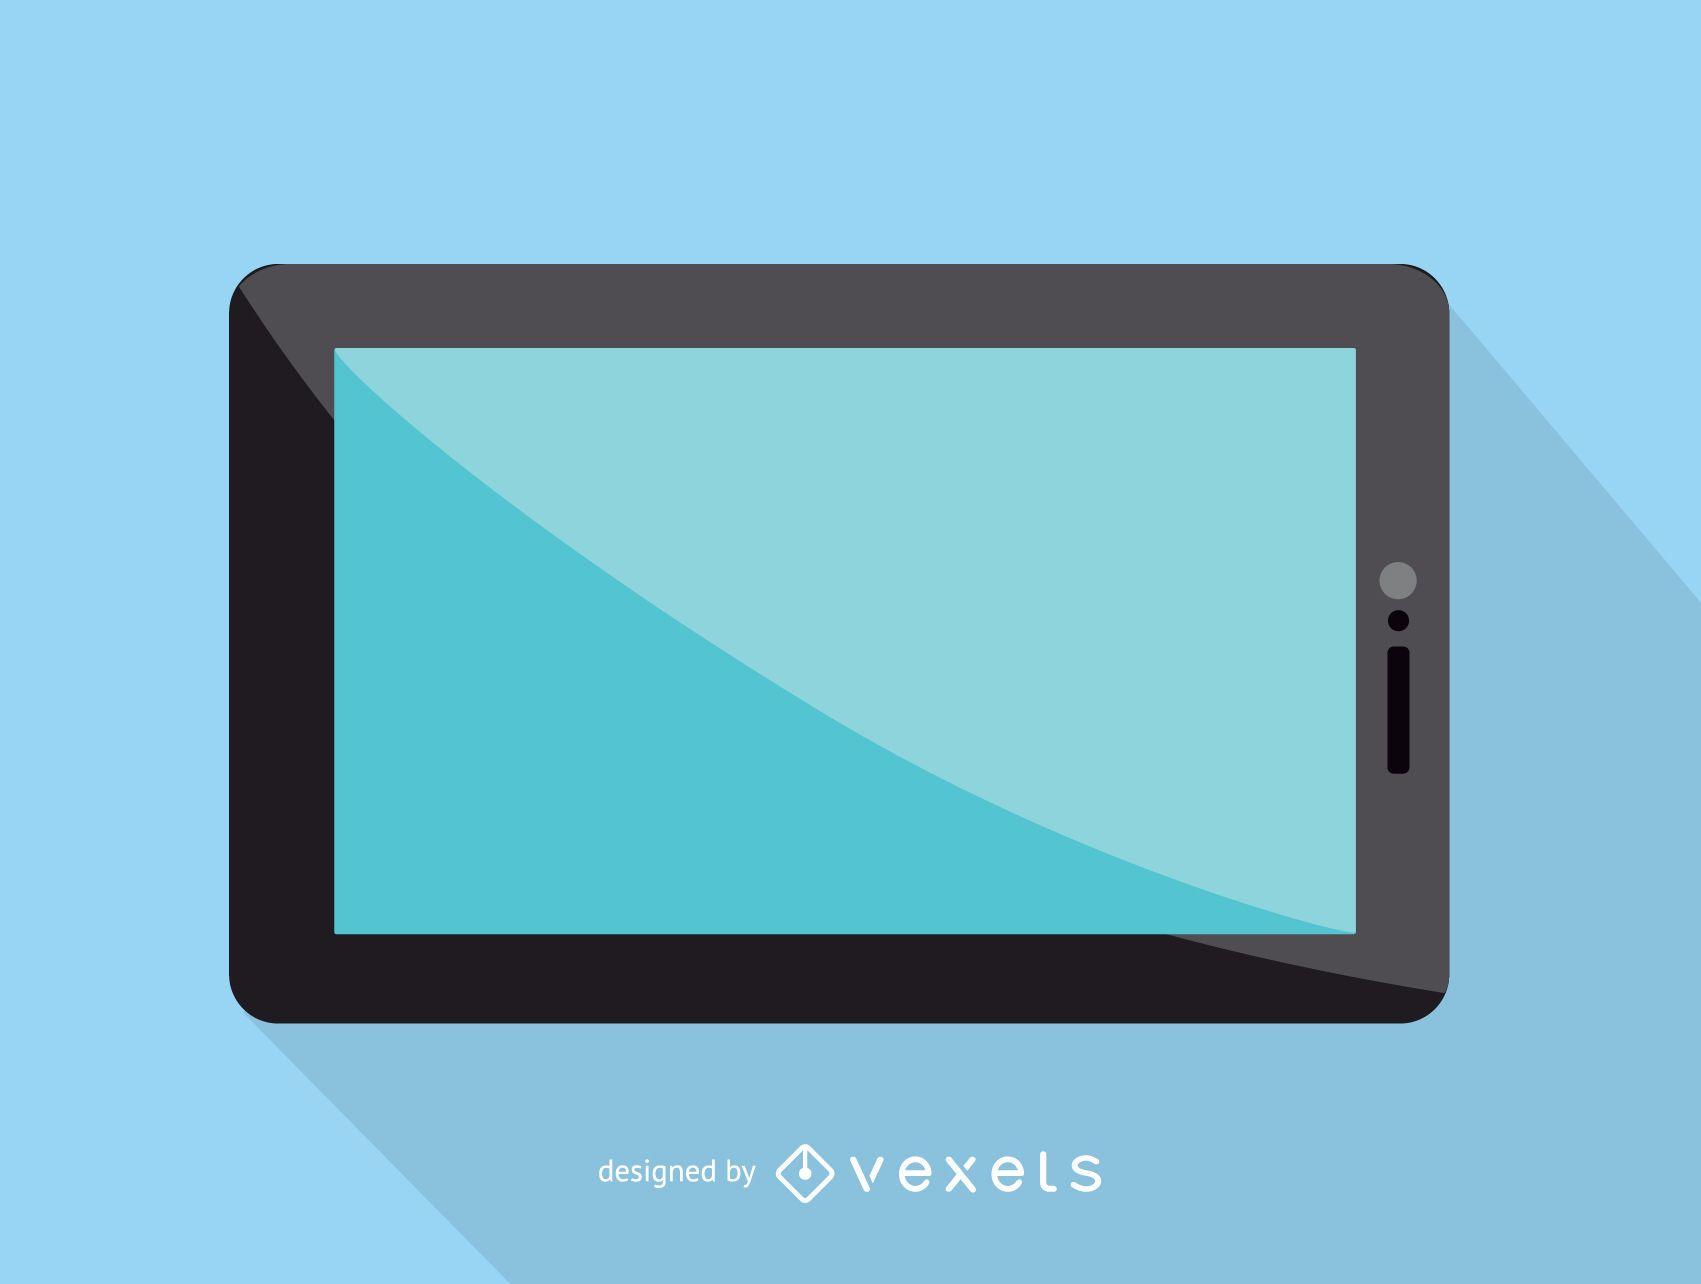 Icono de pantalla táctil de tableta